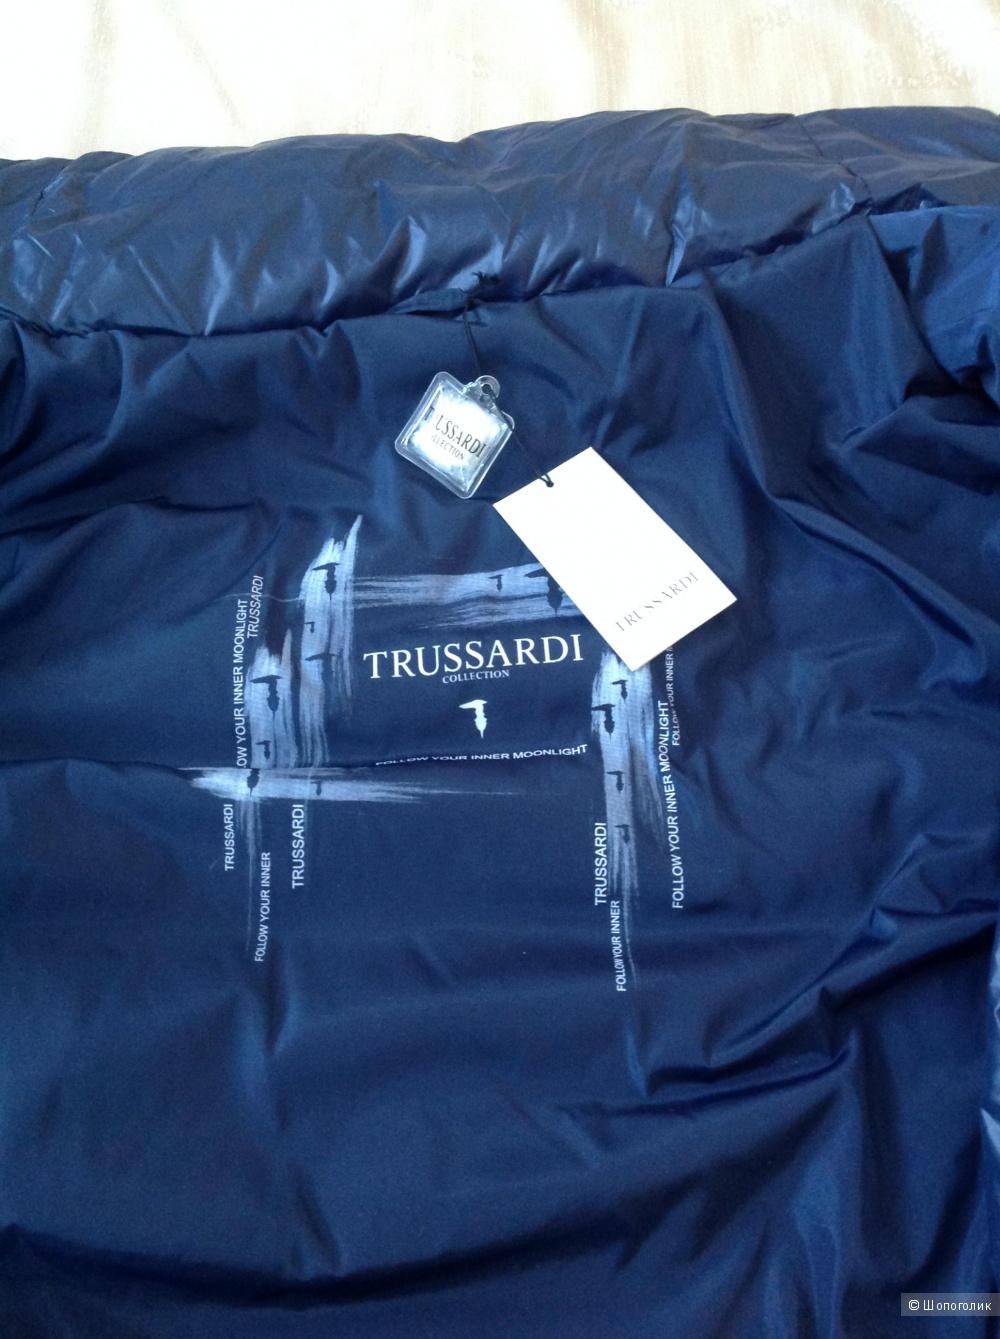 Пуховик Trussardi, XL, на 48-50